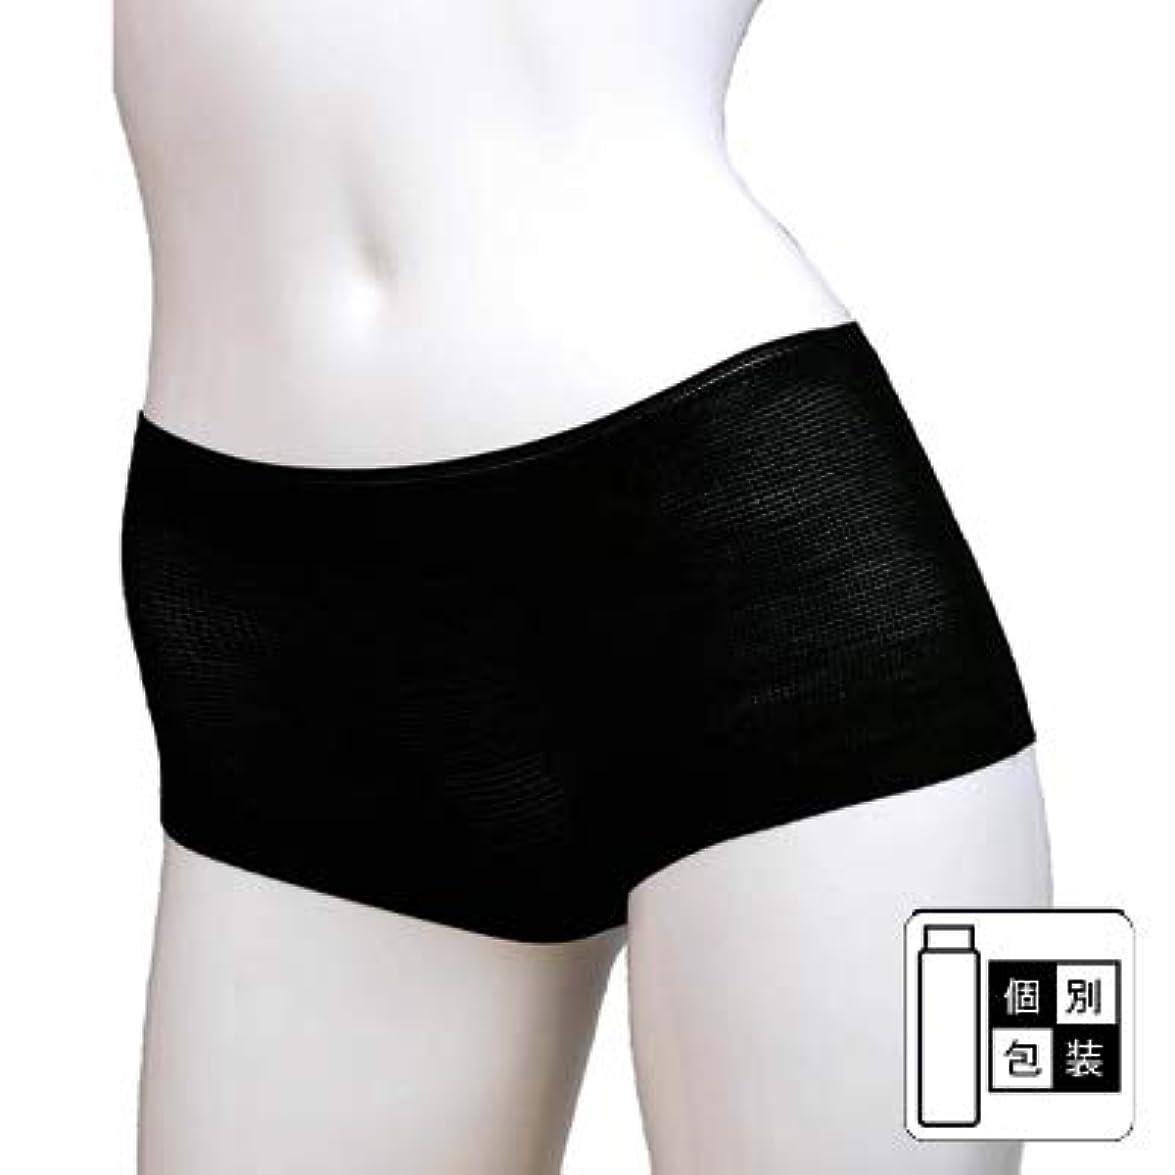 (ロータス)LOTUS デラックス ショーツ Mサイズ ブラック(使い捨て ナイロン製 メッシュ加工 業務用)エステ 旅行 使い切り 下着 ブラック